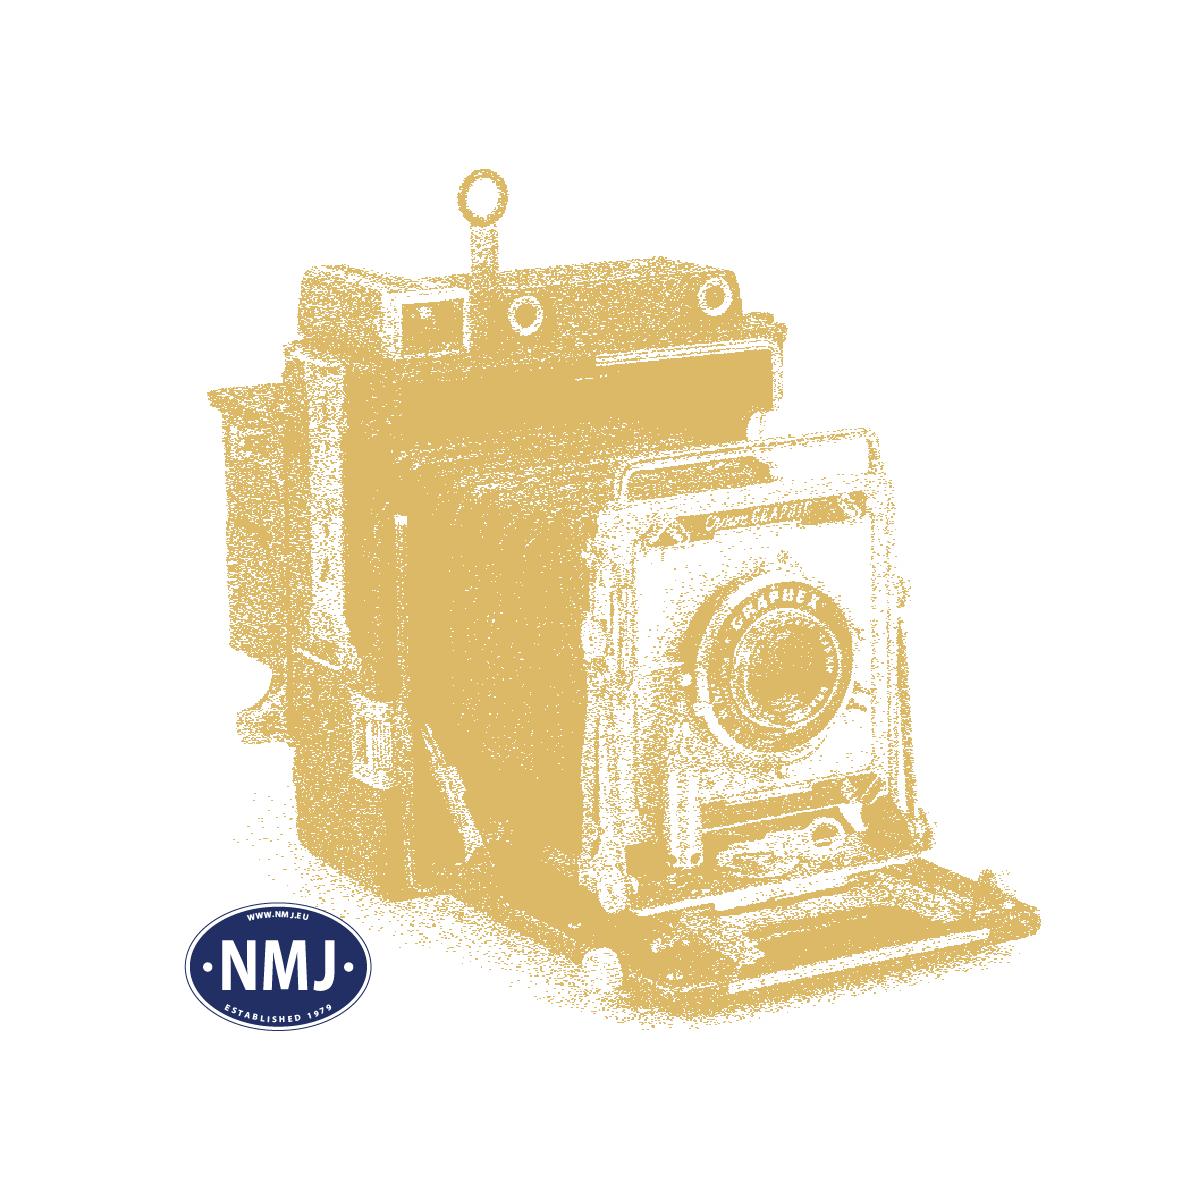 NMJT205.402 - NMJ Topline SJ B5KRT 5007, 2 kl. Personvogn, blå/sort design V.2